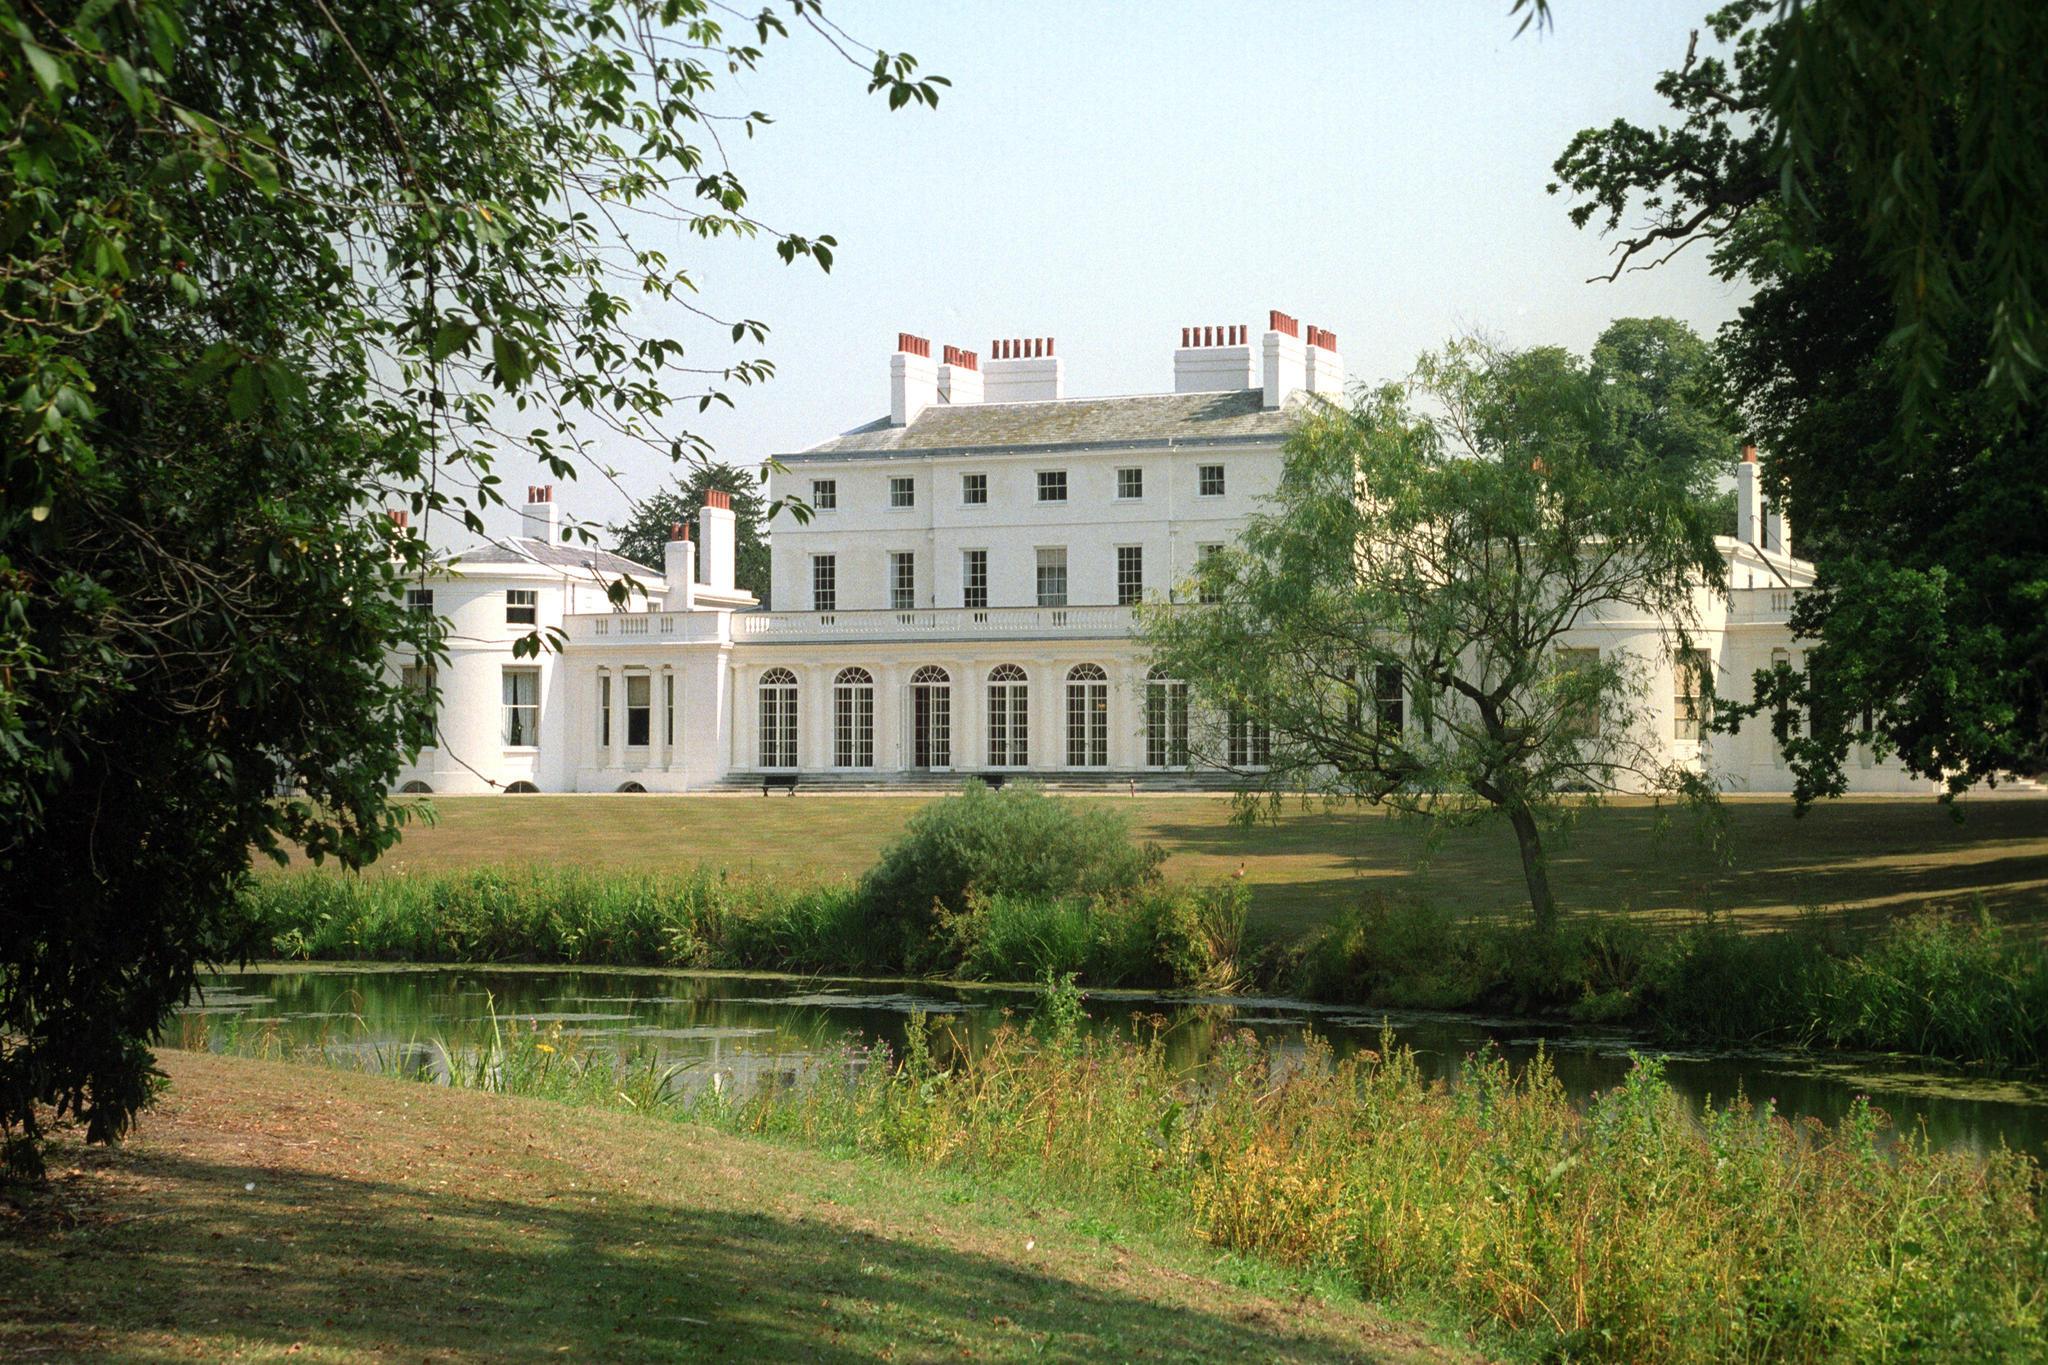 Frogmore House wurde 1680 erbaut und liegt südlich der St George's Chapel. Hier gibt Prinz Charles am Abend des 19. Mai einen Empfang für Meghan und Harry